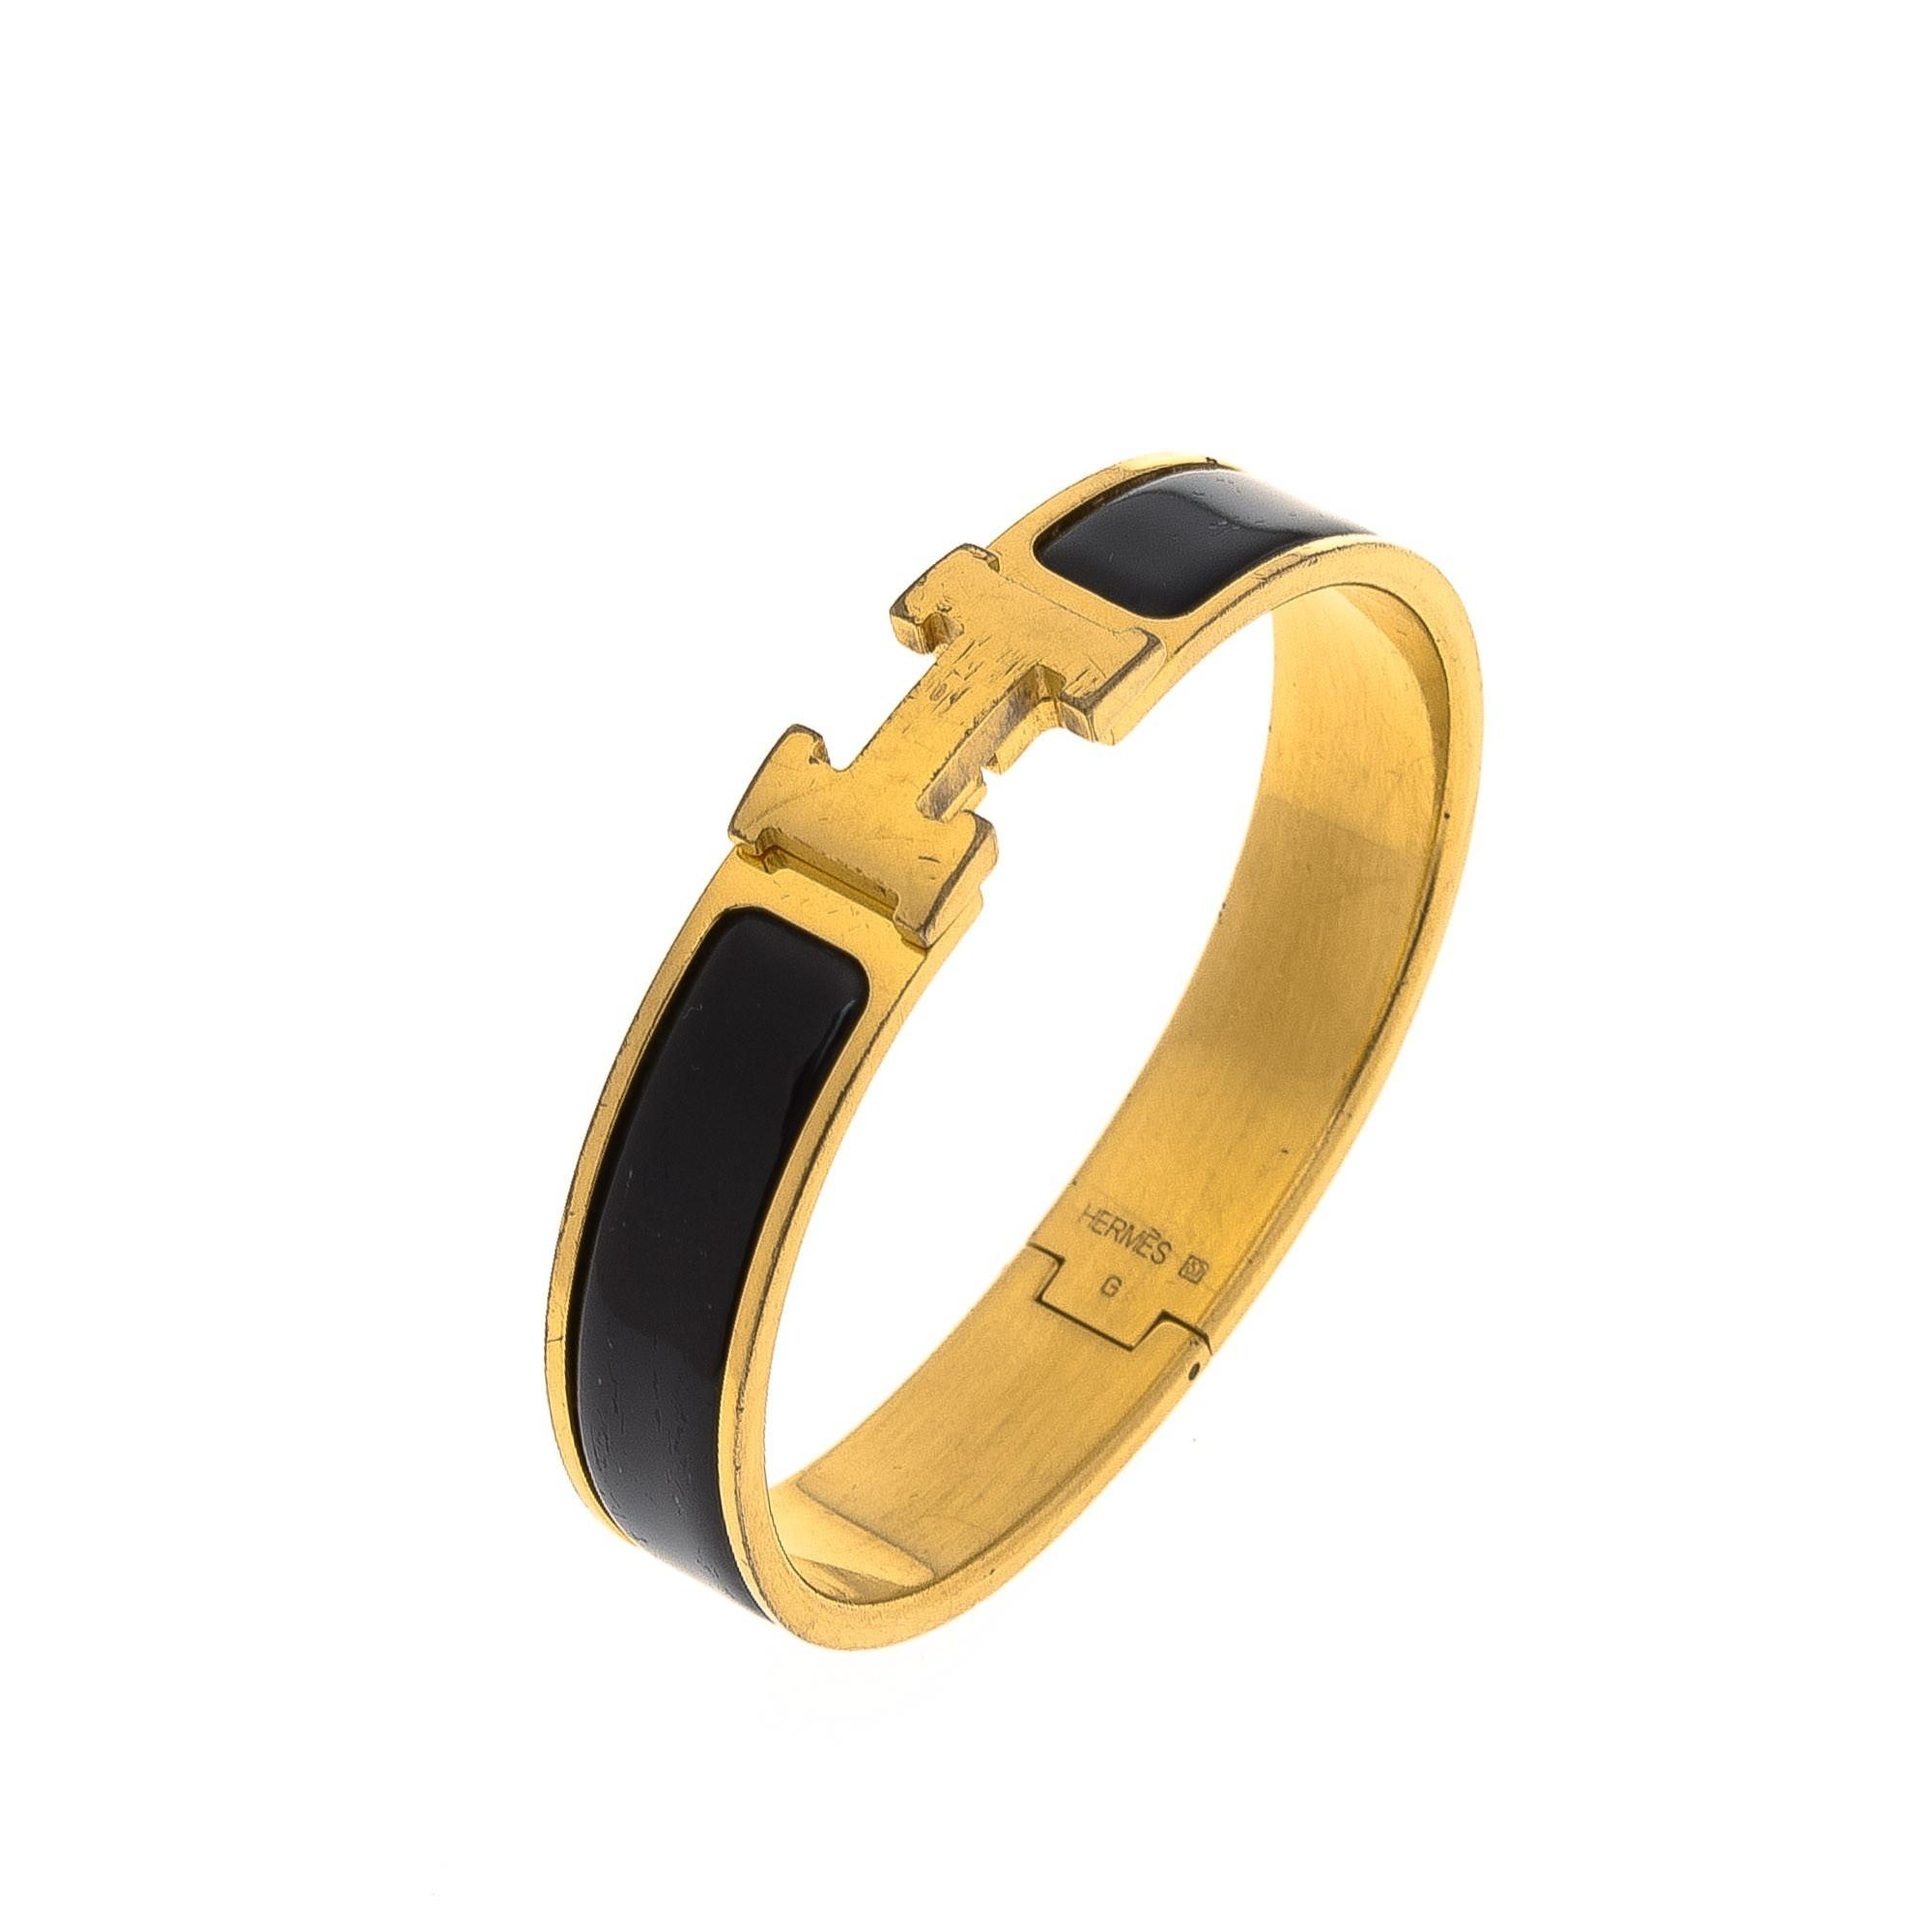 herm 232 s clic clac h bracelet black palladium plated on brass bracelet bangle lxr co vintage